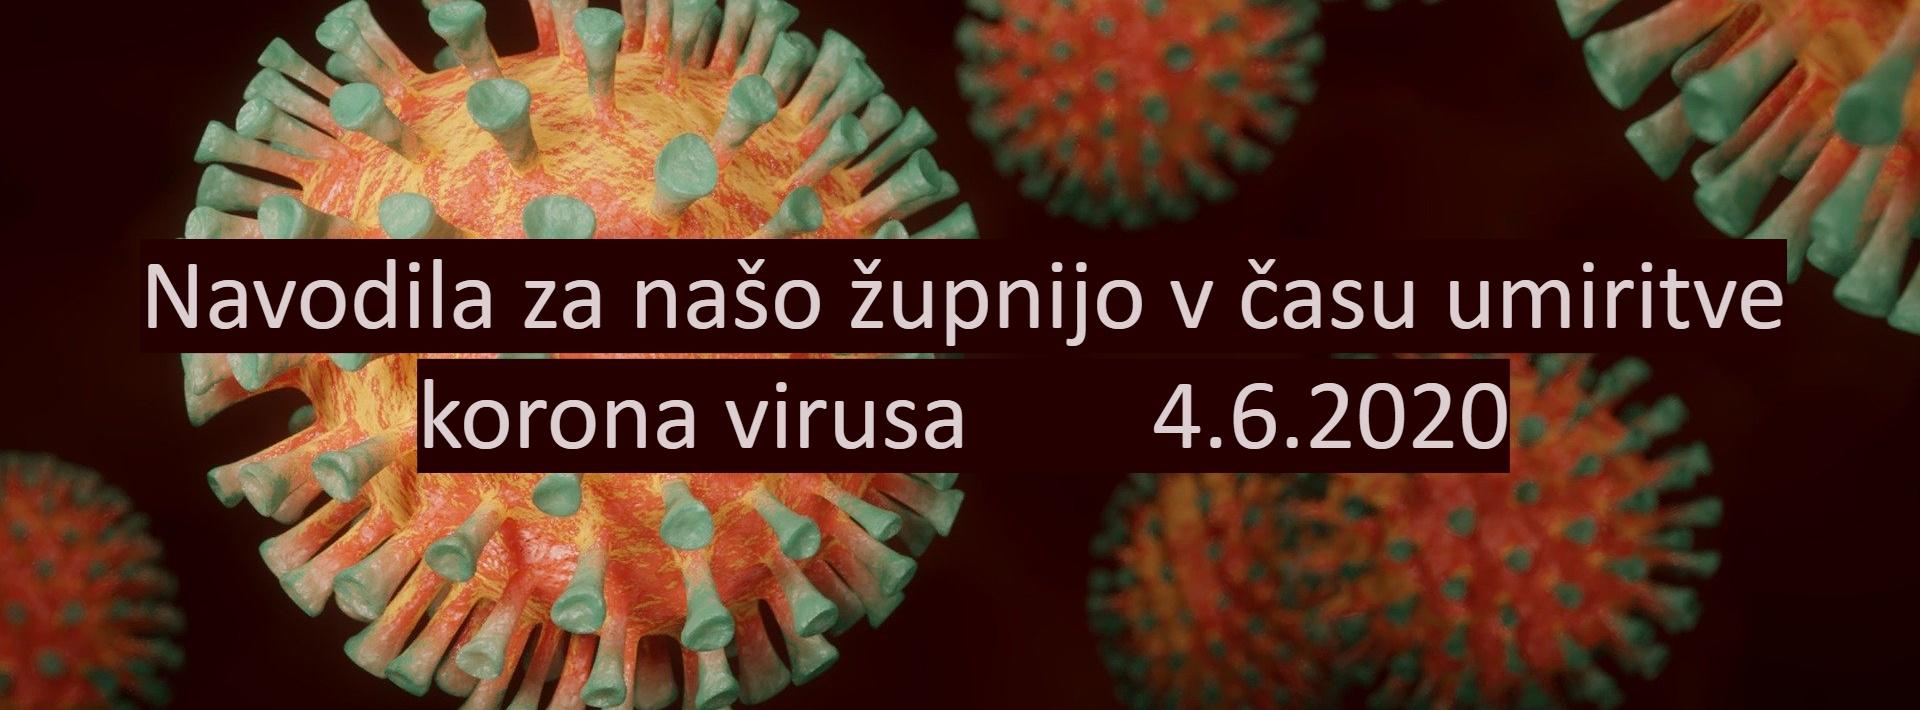 virusi 7 razred)